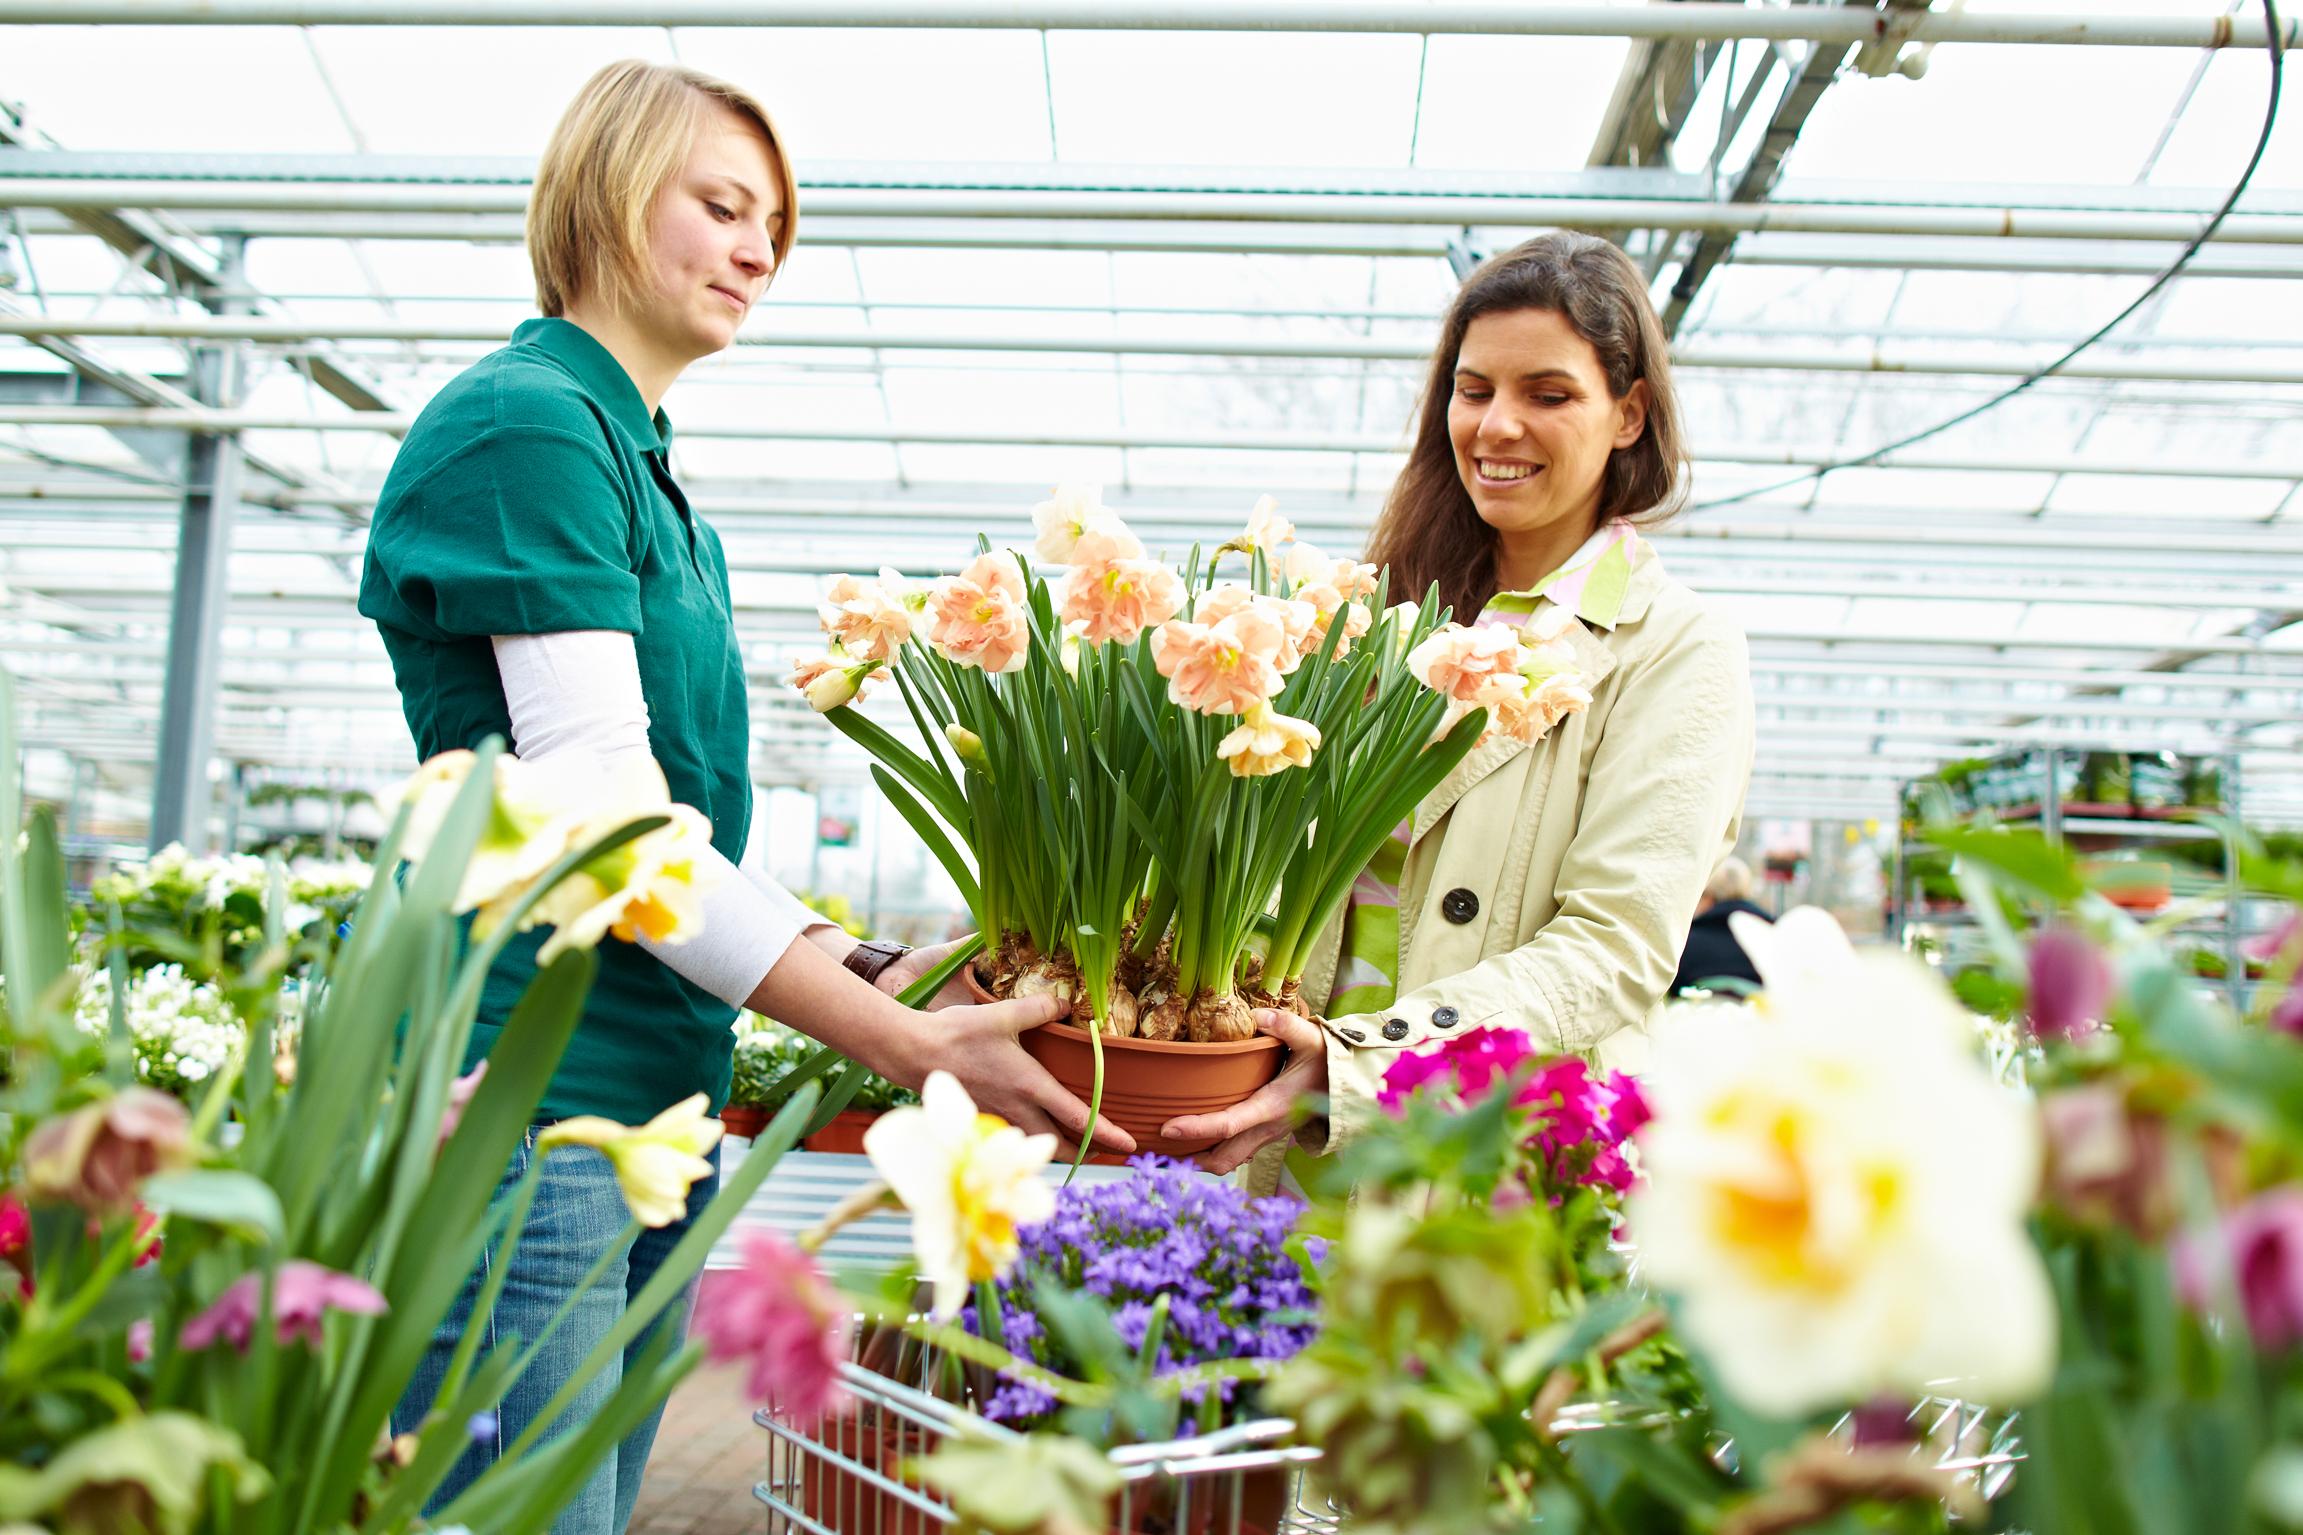 Holen Sie sich den Frühling ins Haus – mit vorgezogenen Blühpflanzen aus Gärtnerhand